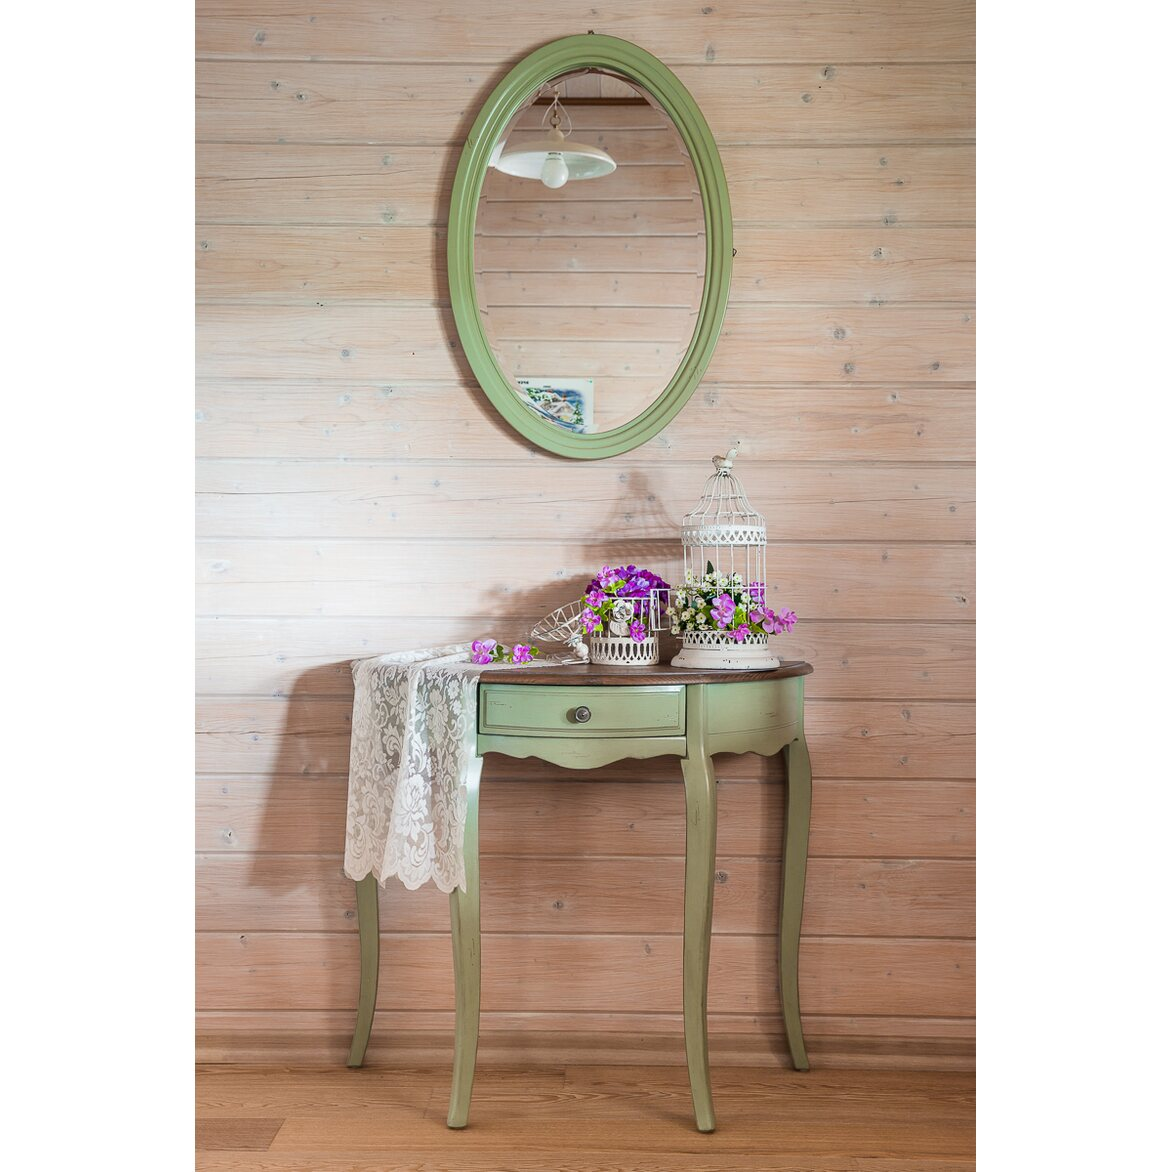 Овальная консоль с ящиком (без зеркала) Leontina, зеленого цвета | Консоли Kingsby